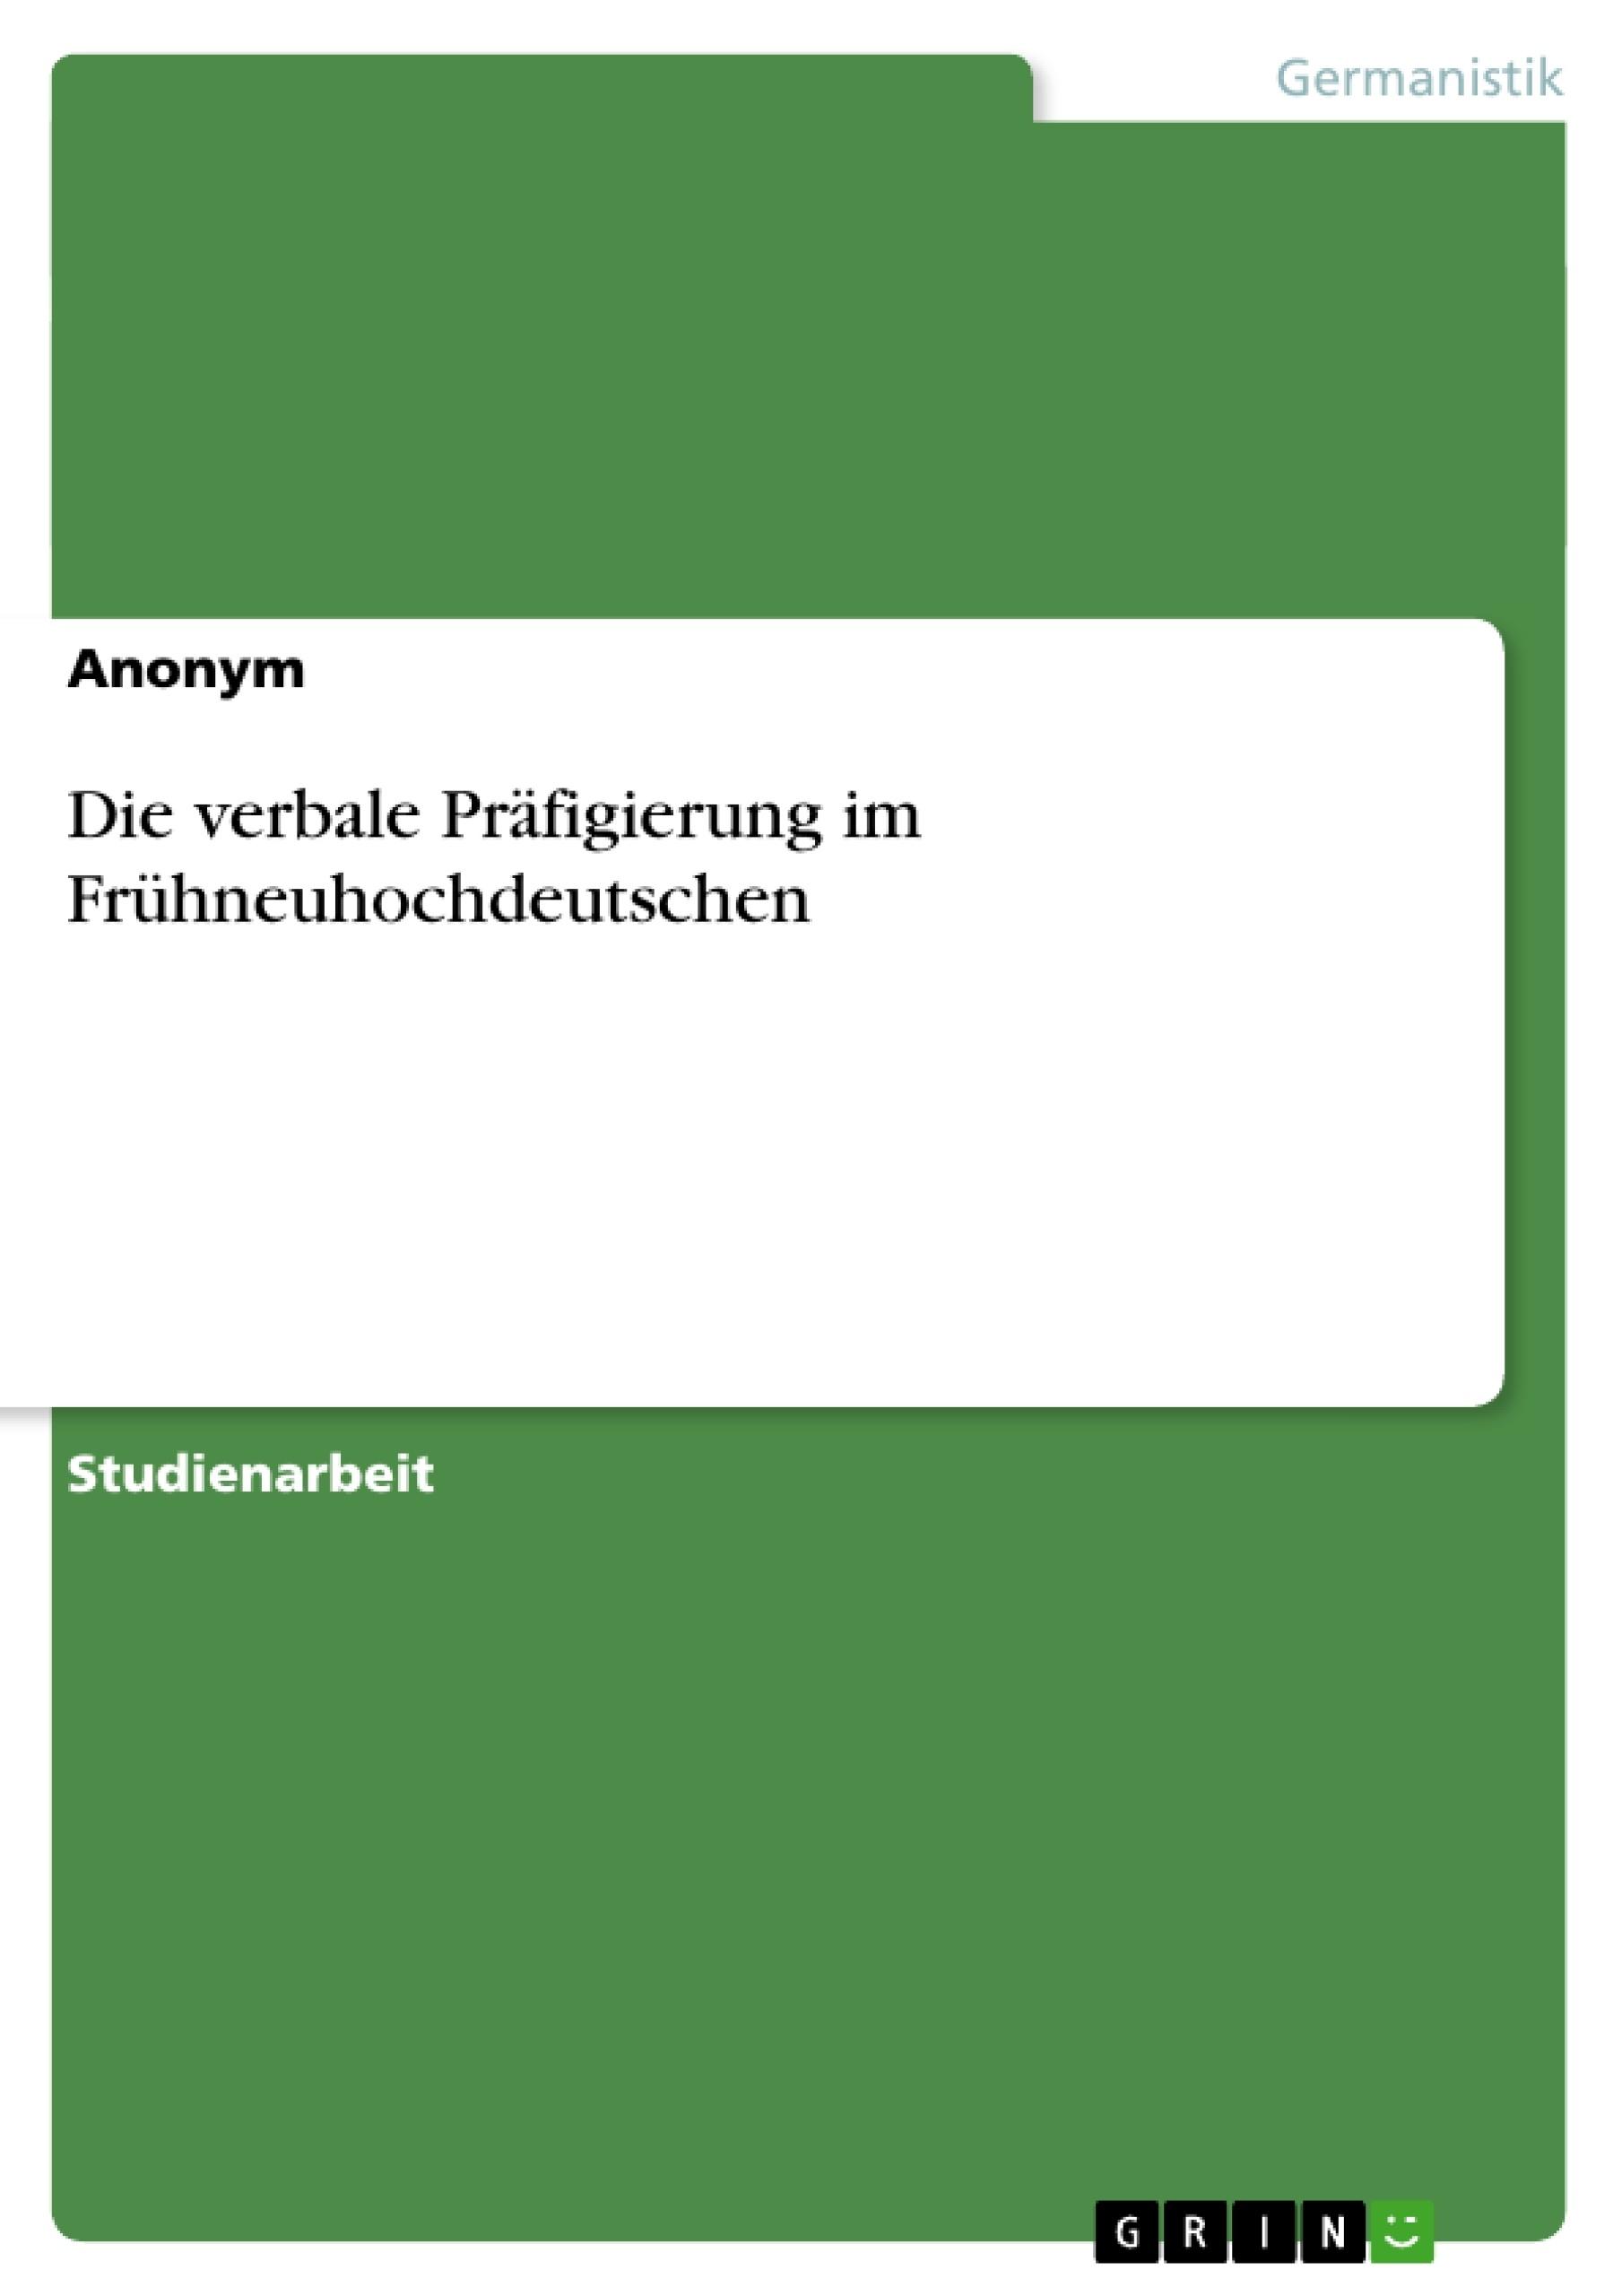 Titel: Die verbale Präfigierung im Frühneuhochdeutschen